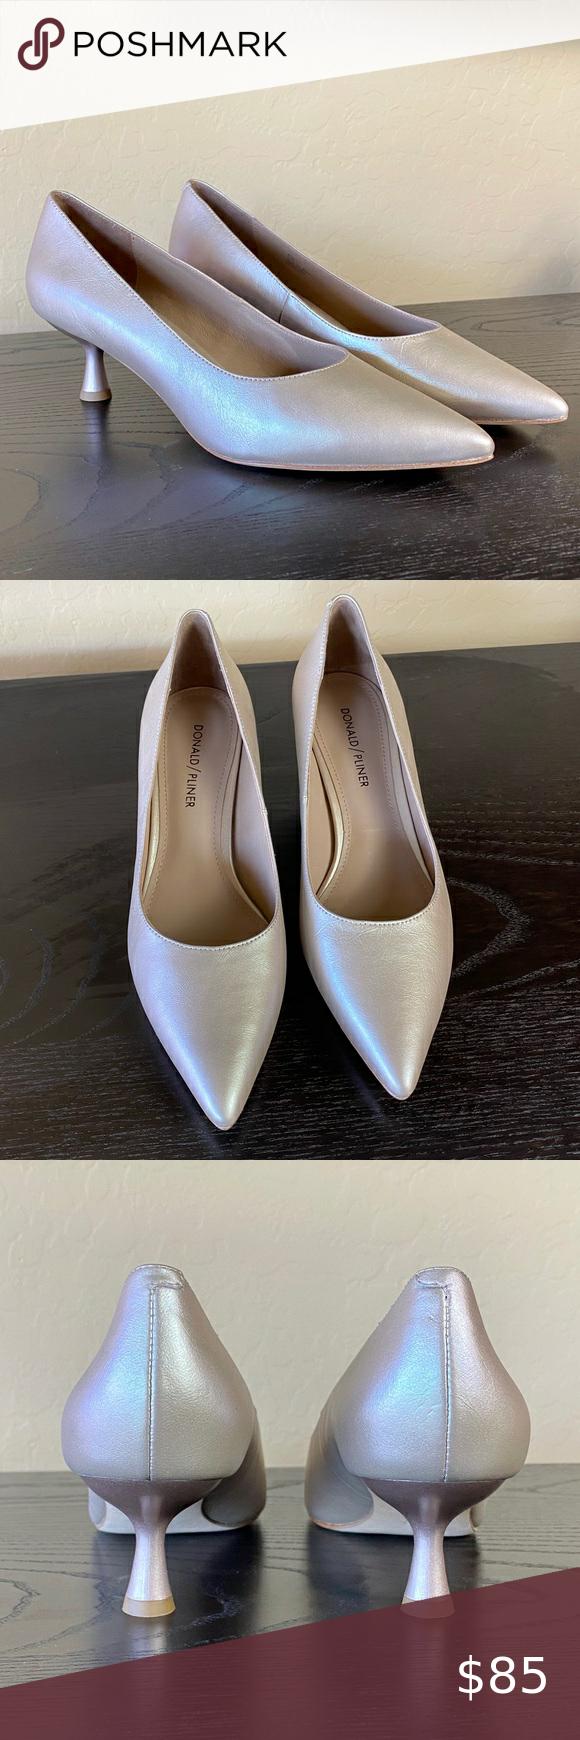 New Donald Pliner Bon Kitten Heel Pump In Blush In 2020 Pumps Heels Kitten Heel Pumps Shoes Women Heels